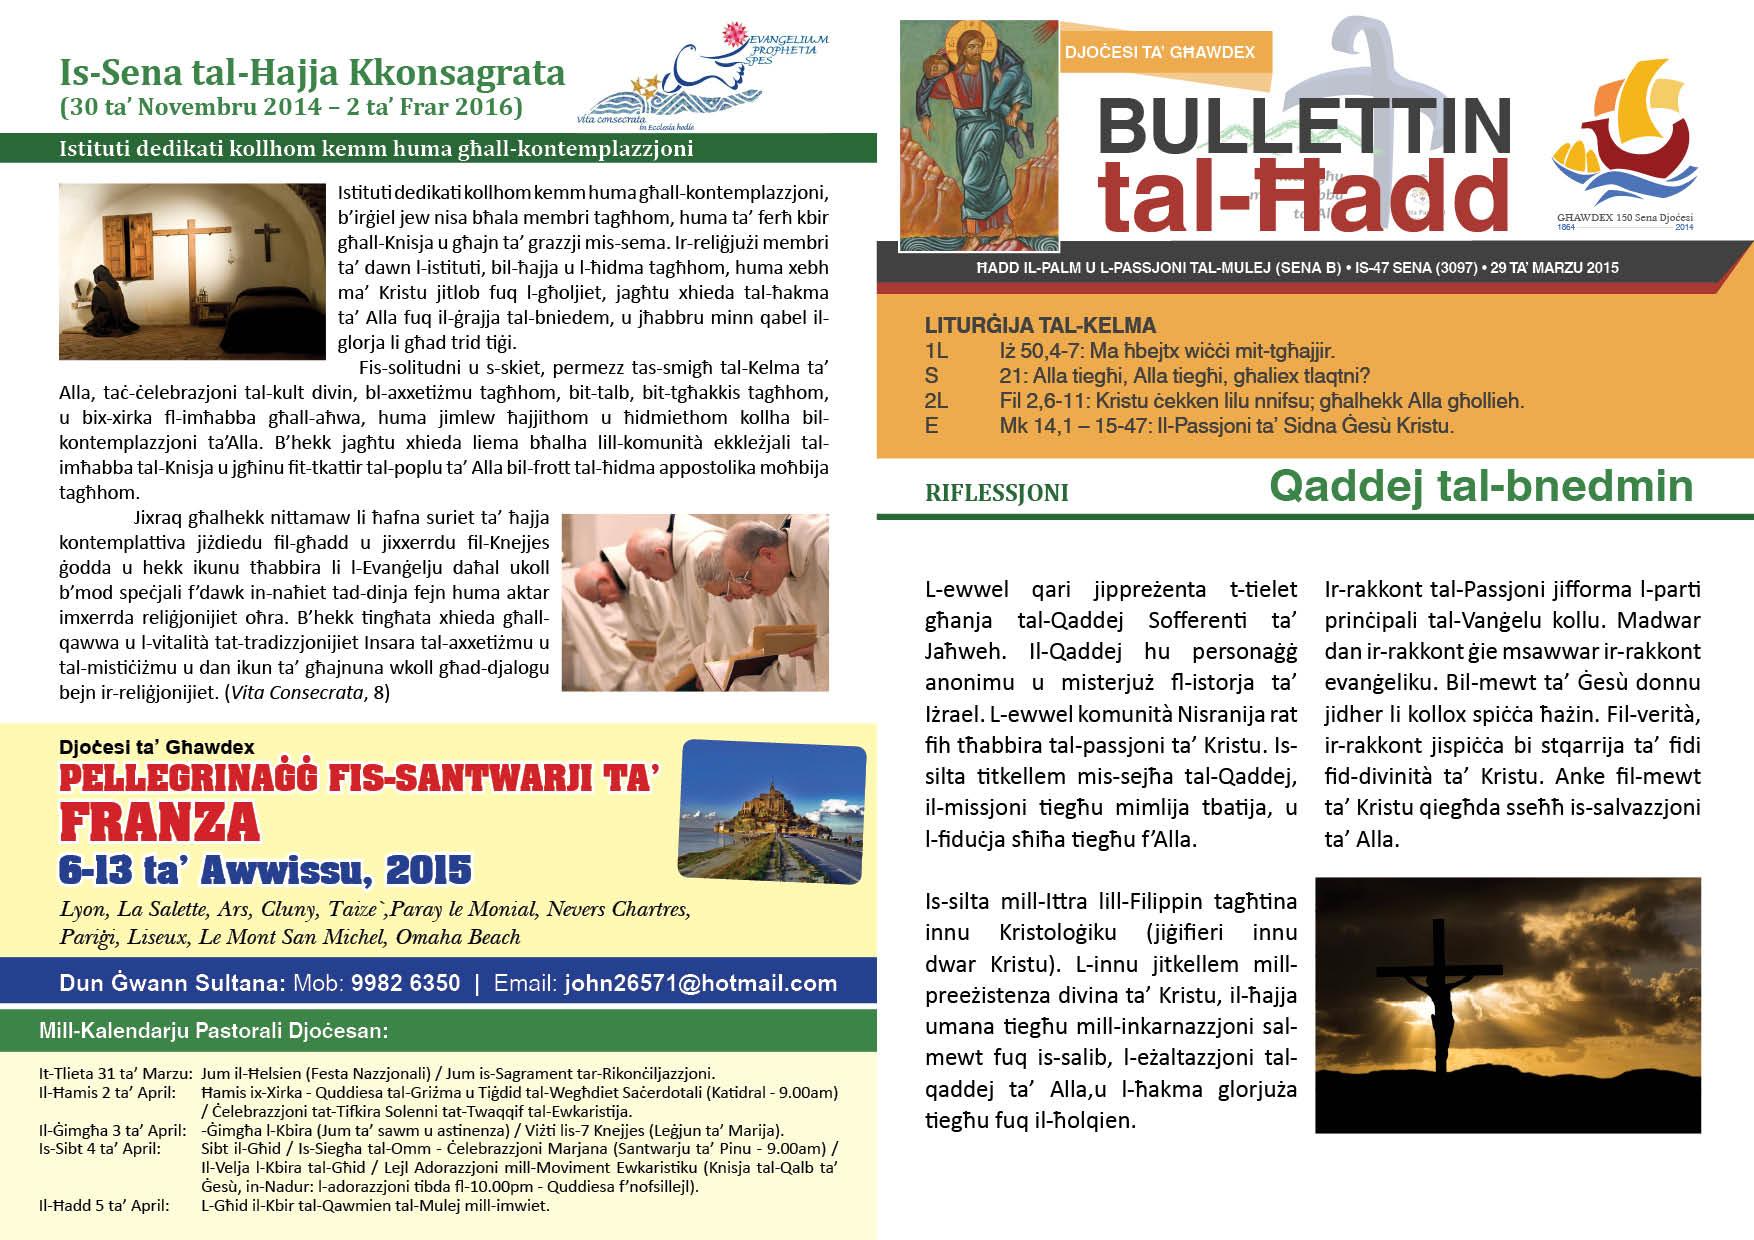 bullettin-2015-marzu-29.jpg